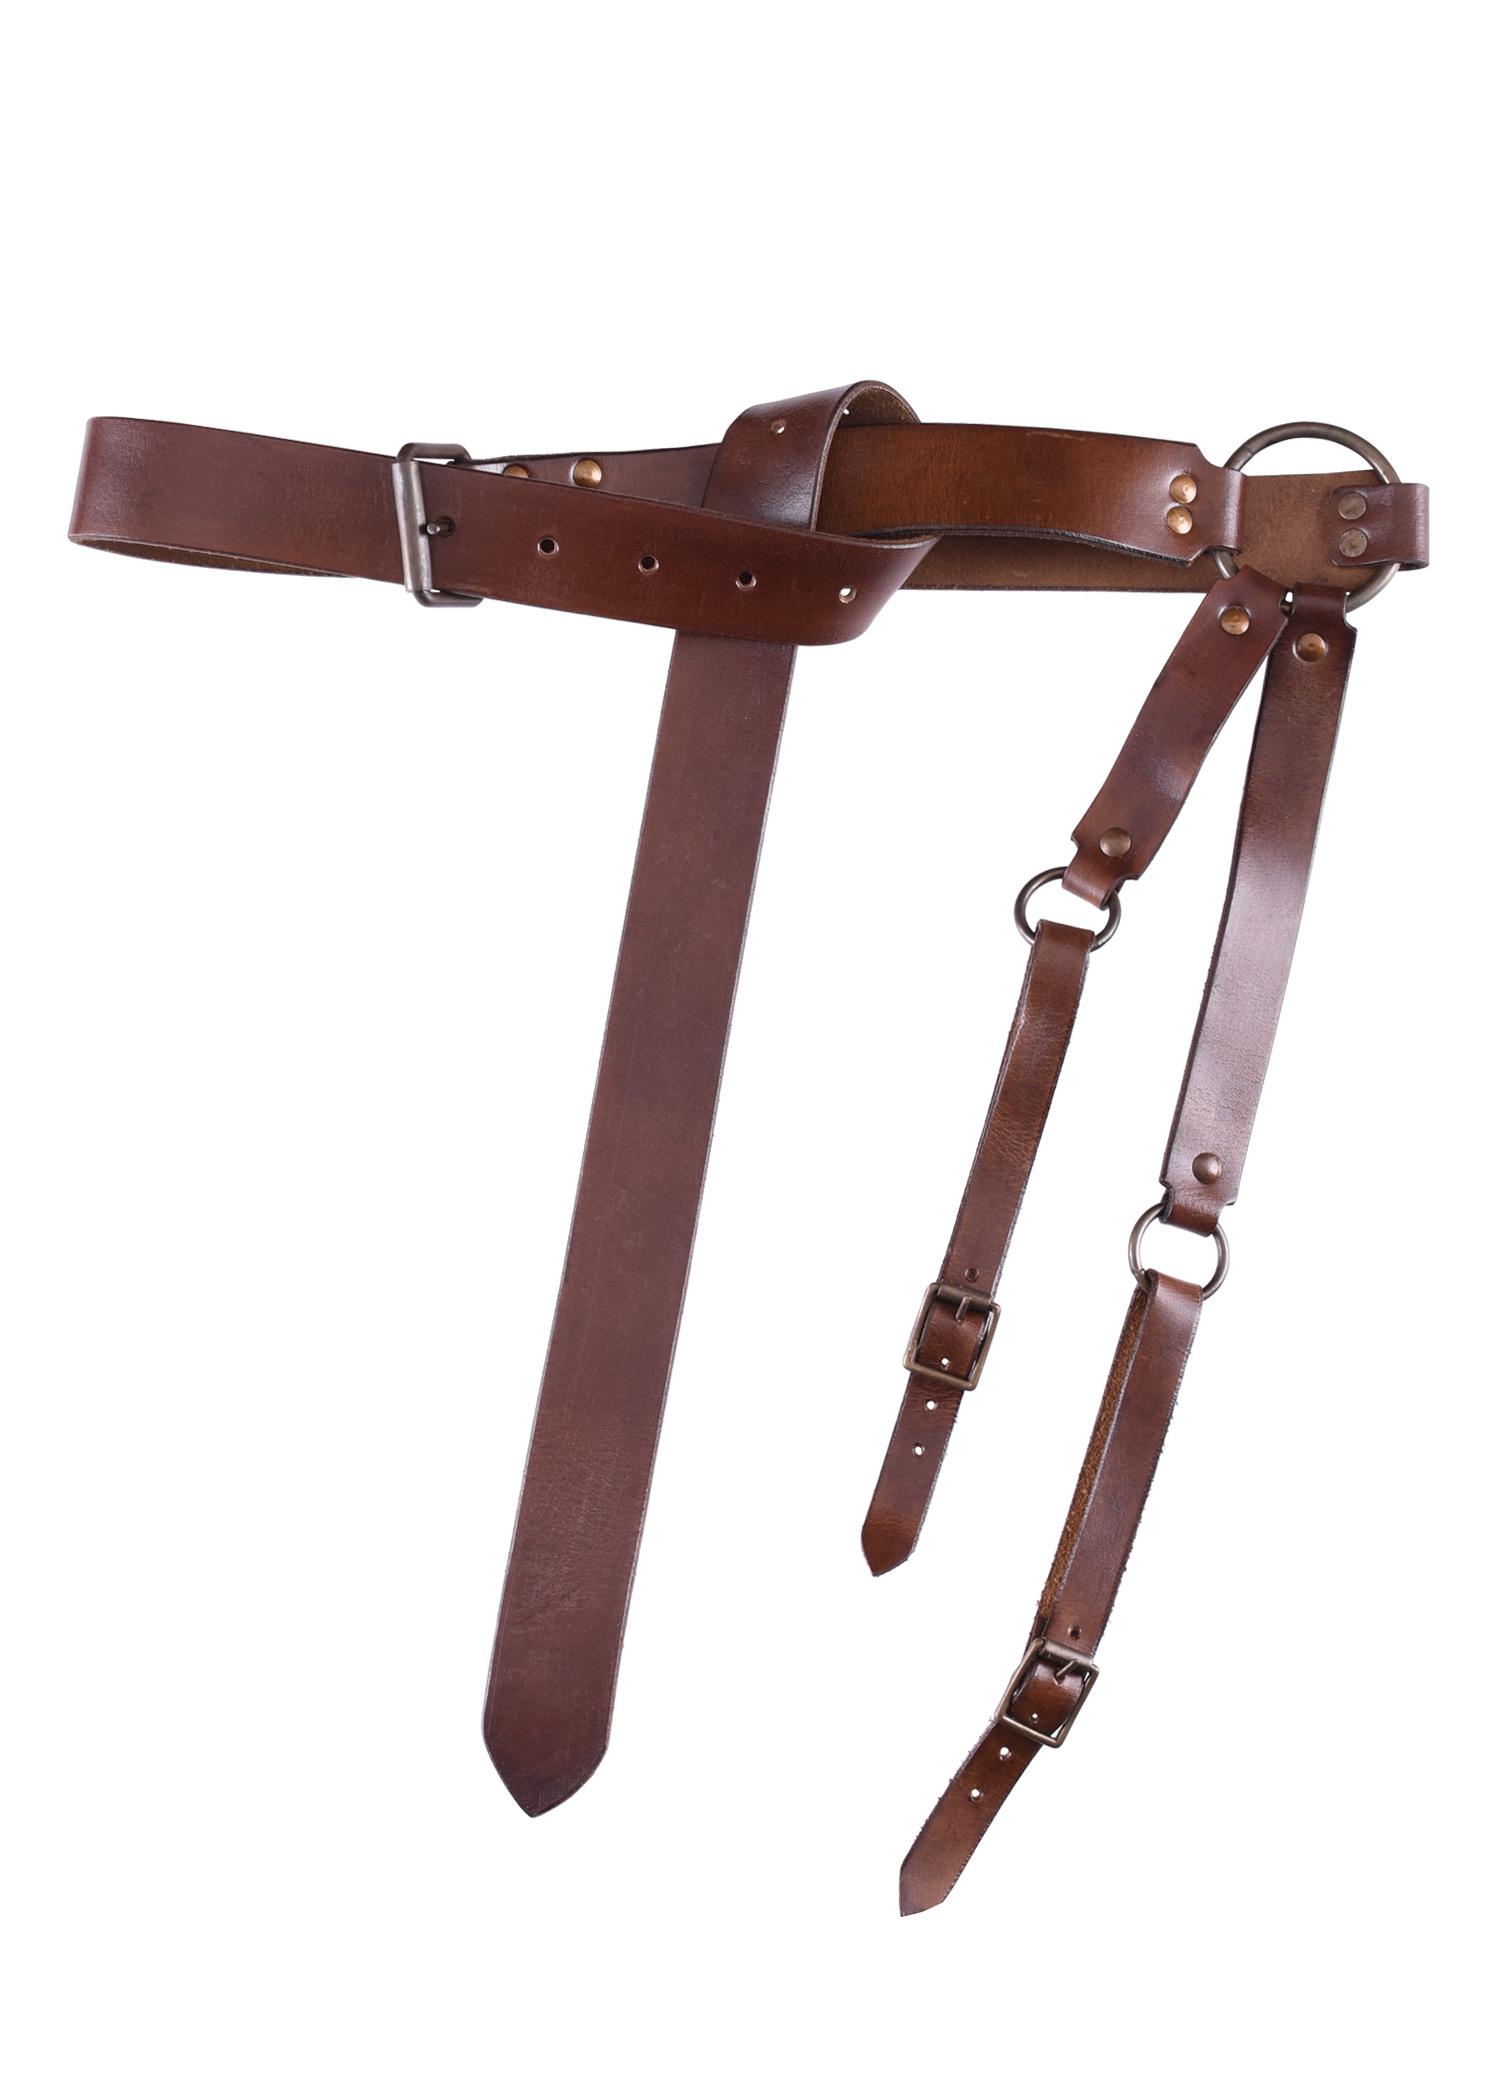 Mittelalter Schwertgürtel aus braunem Leder